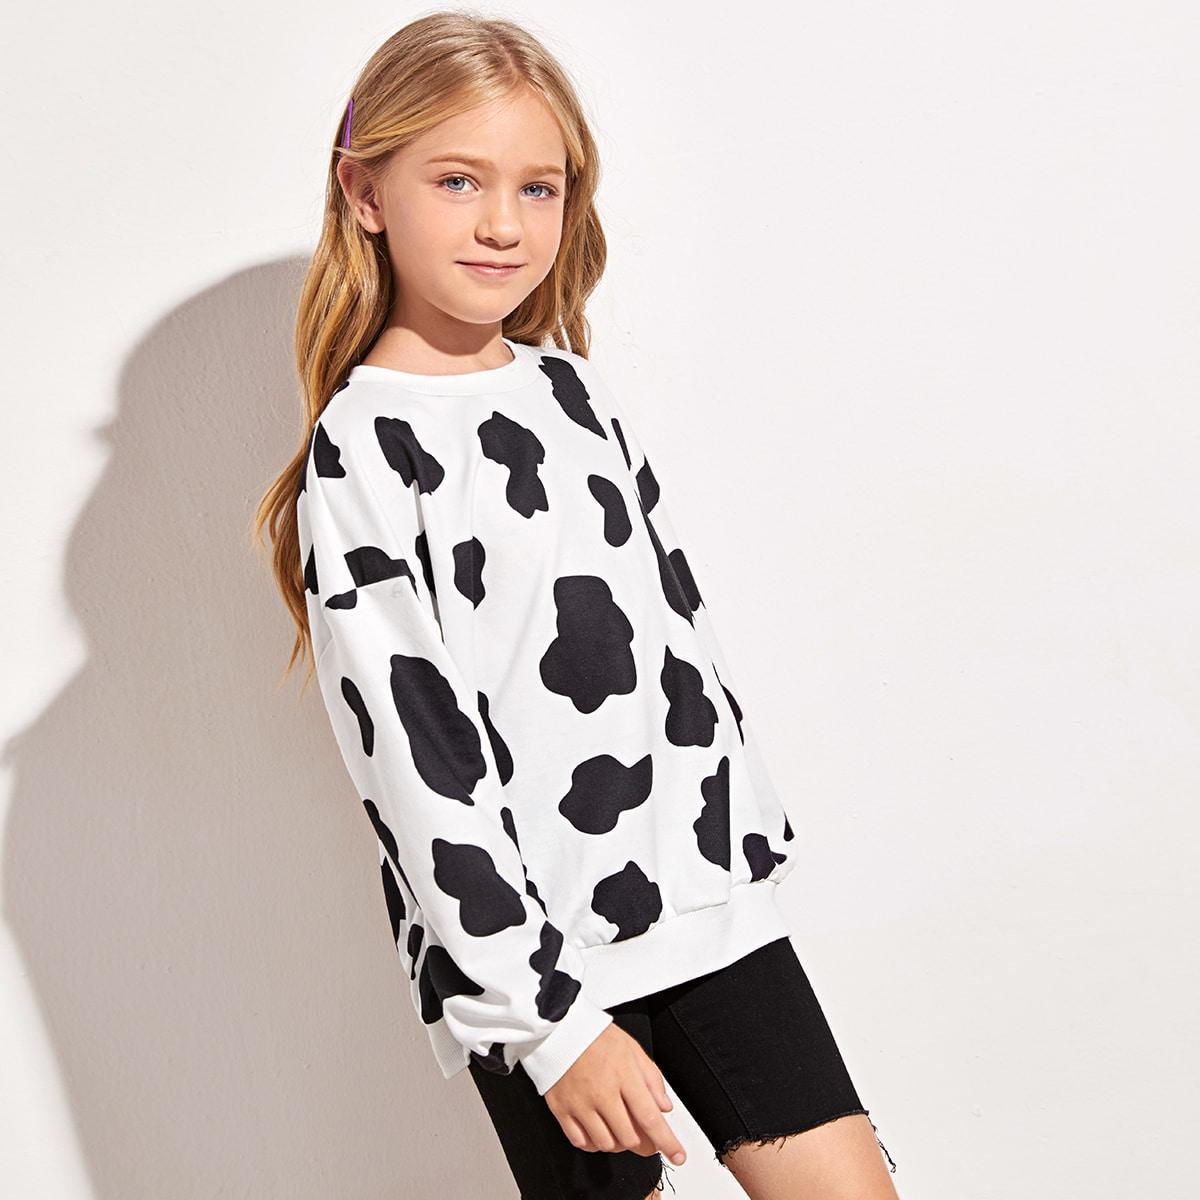 Пуловер с коровьим принтом для девочек от SHEIN